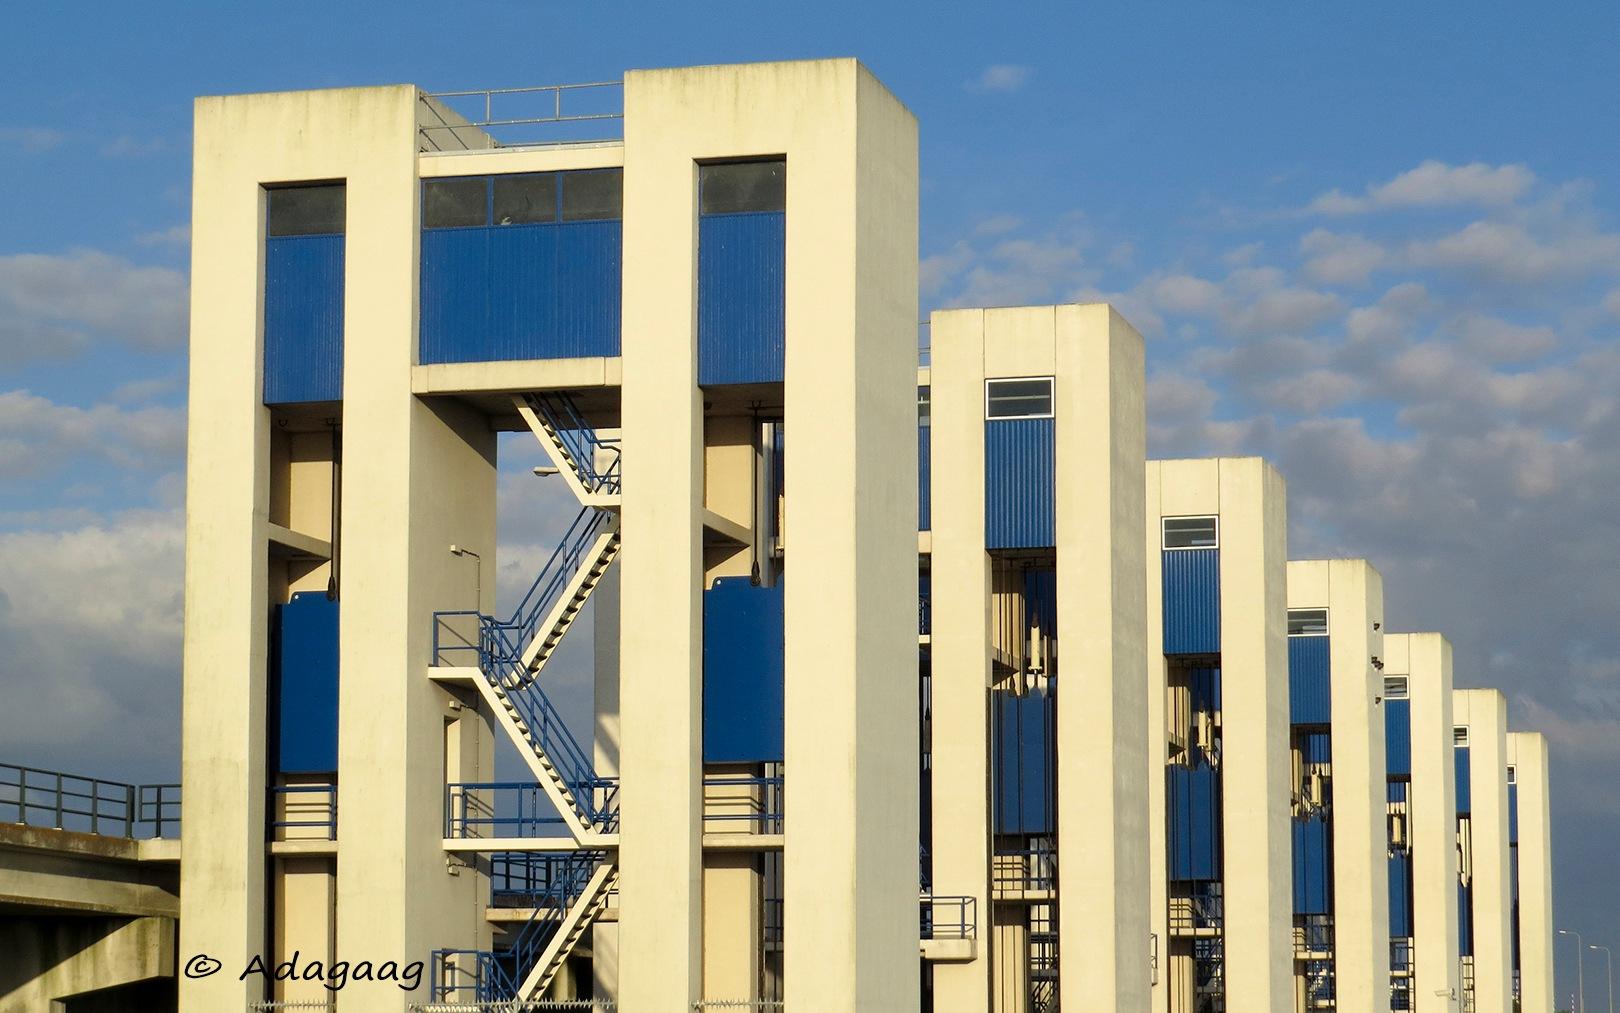 The locks of Lelystad by adagaag